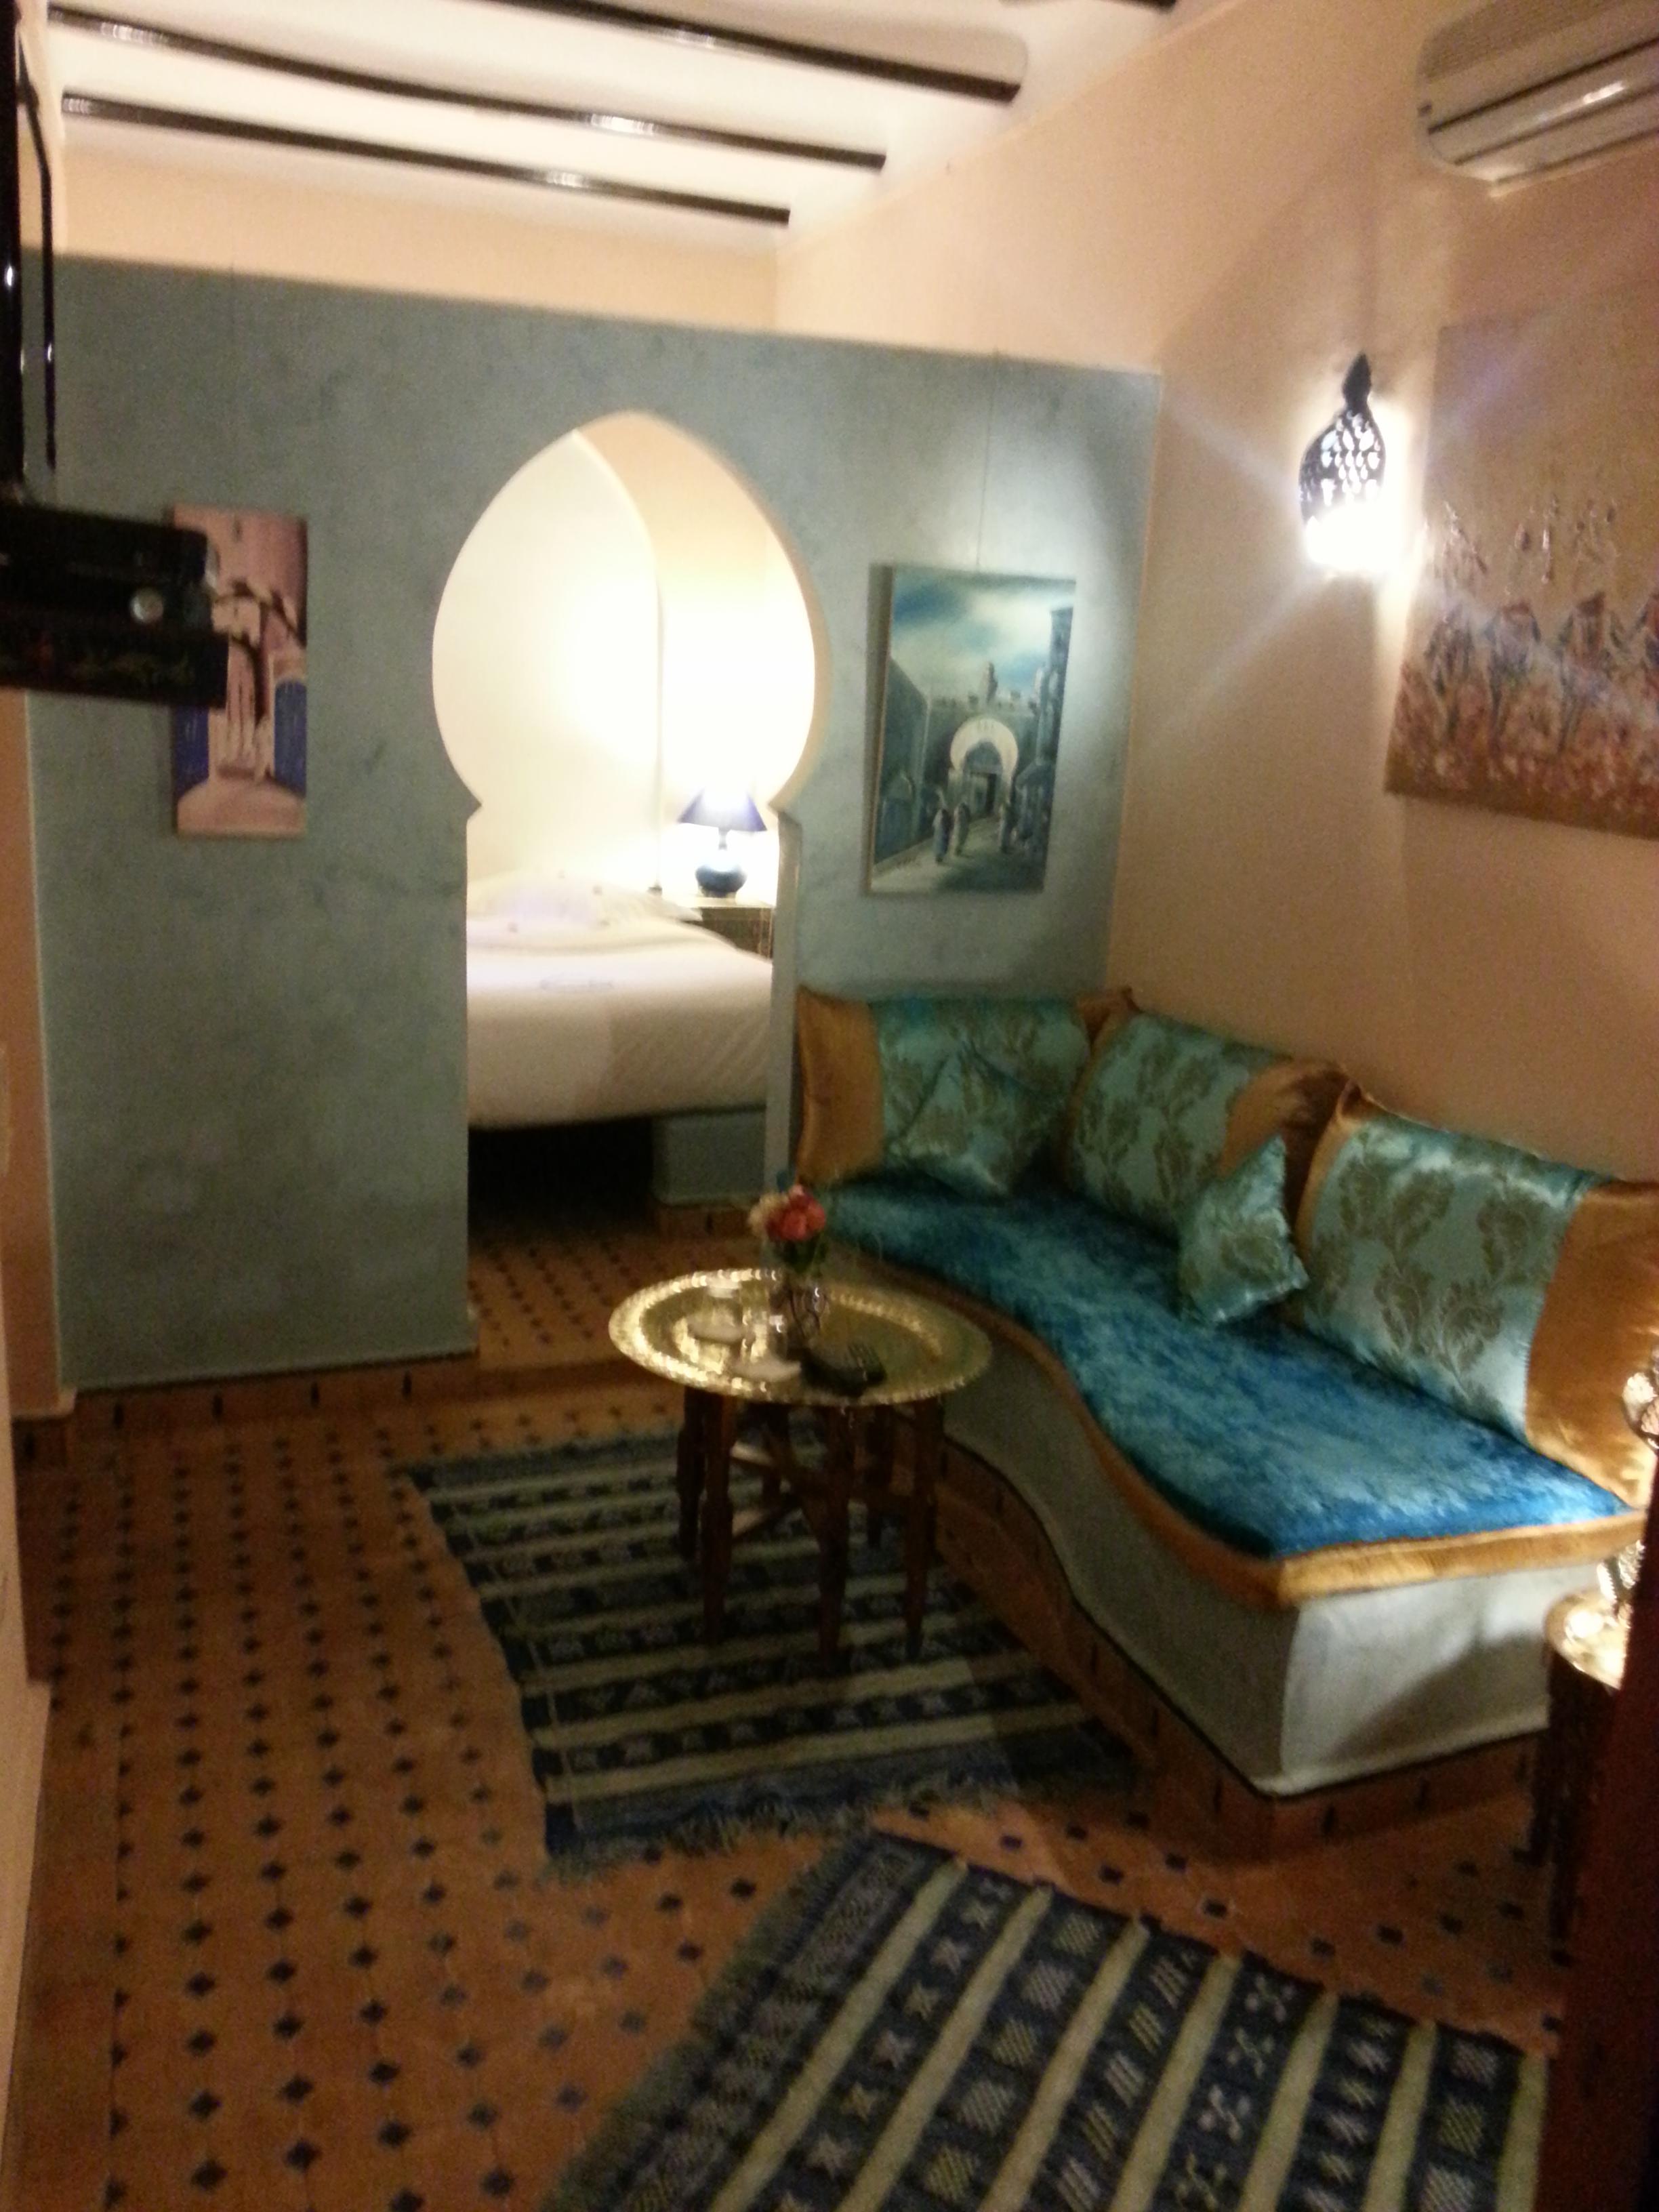 Maison 10 personnes Marrakech  - location vacances  n°29832